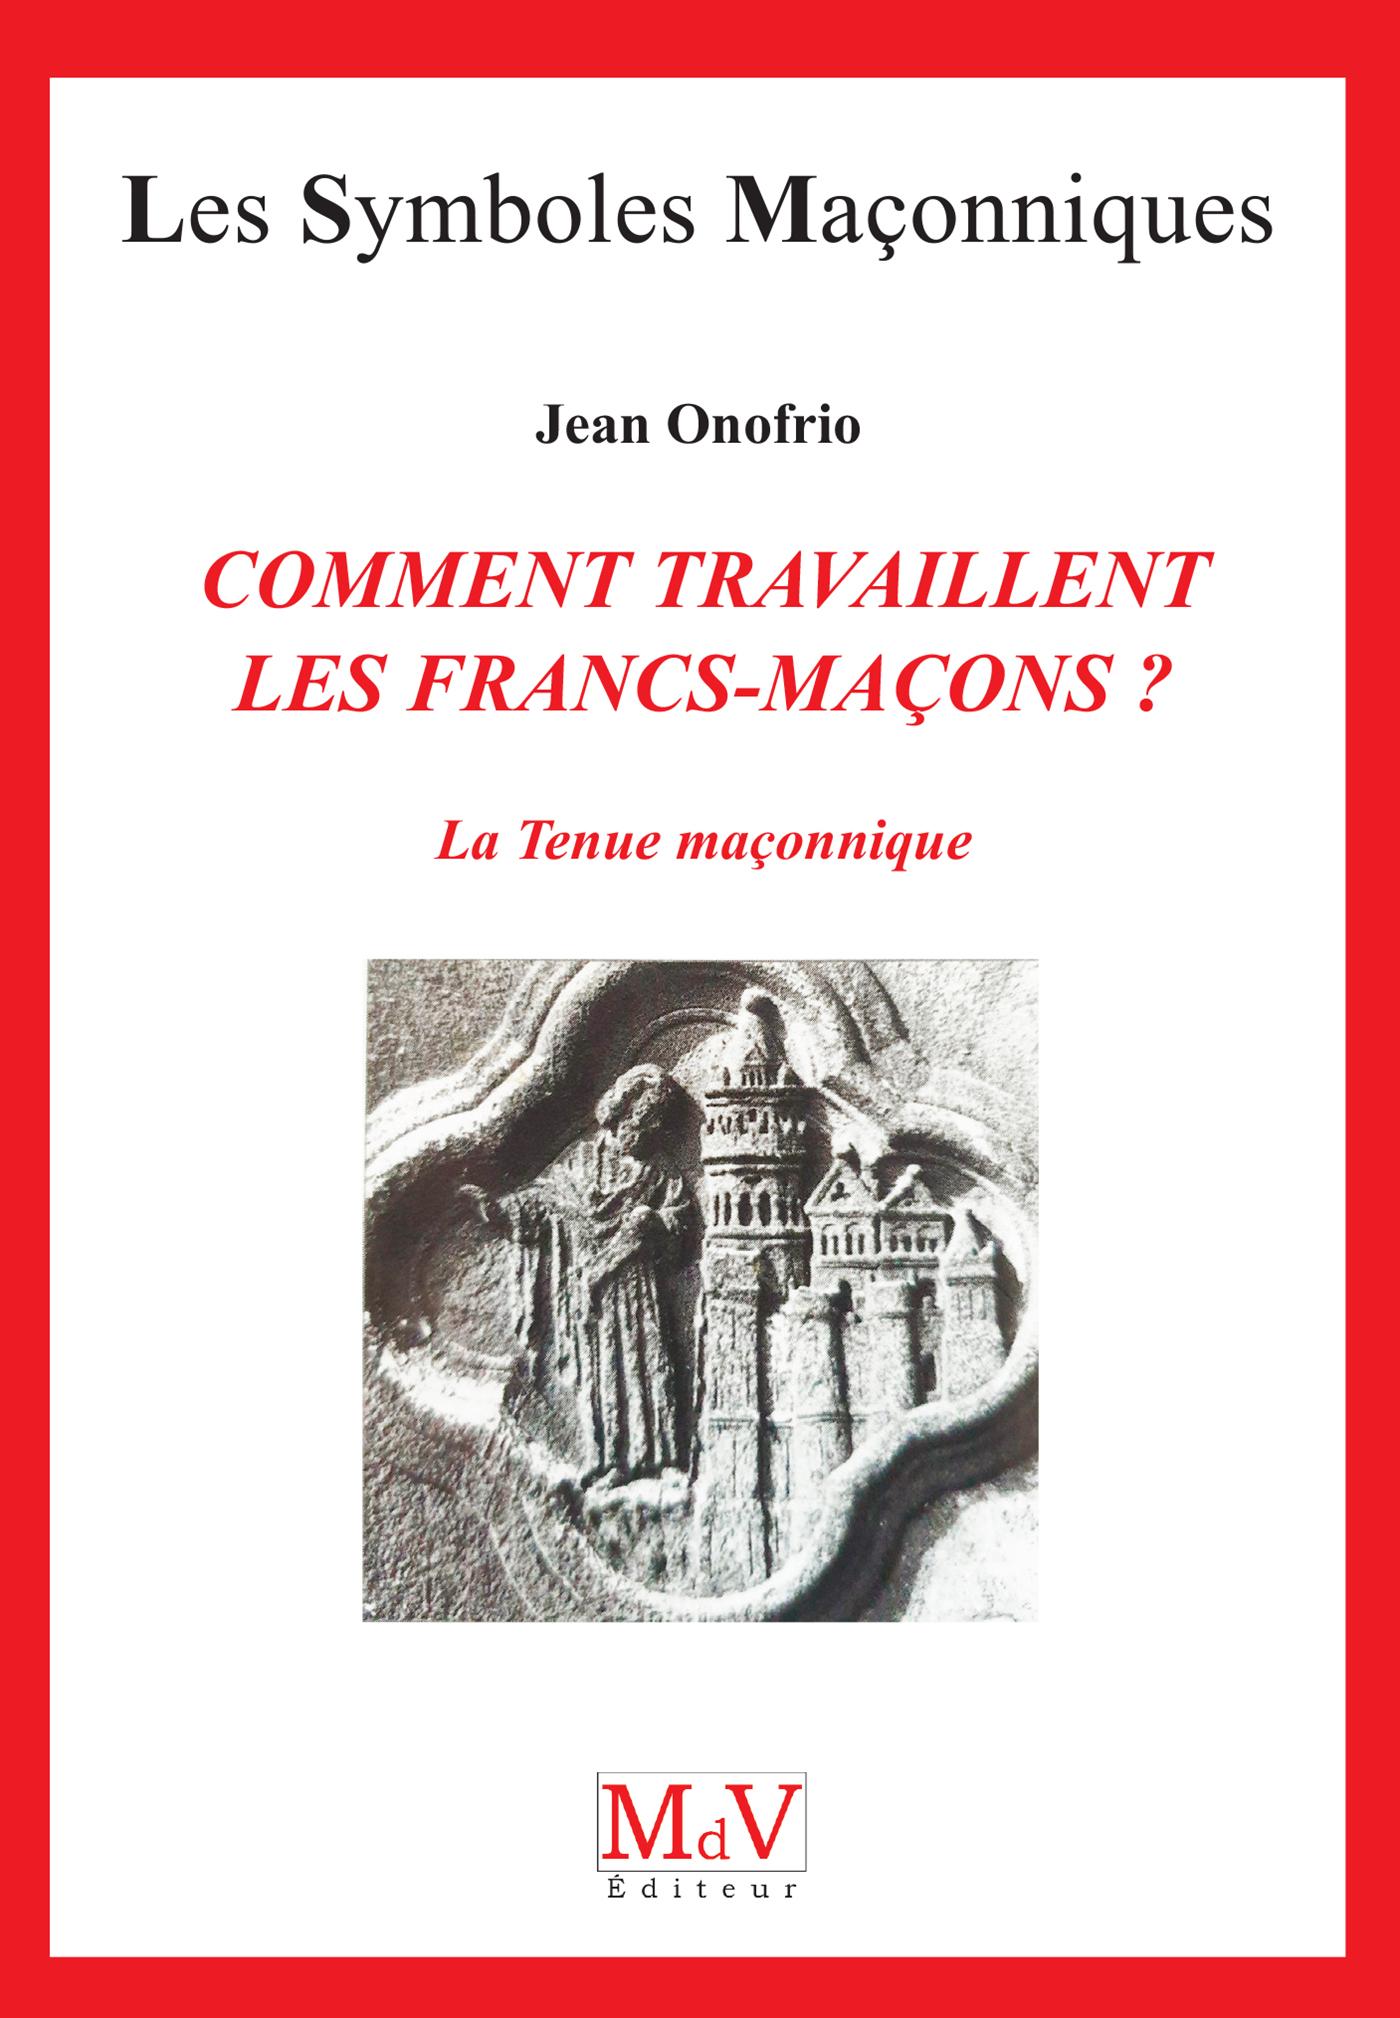 COMMENT TRAVAILLENT LES FRANCS-MACONS ?